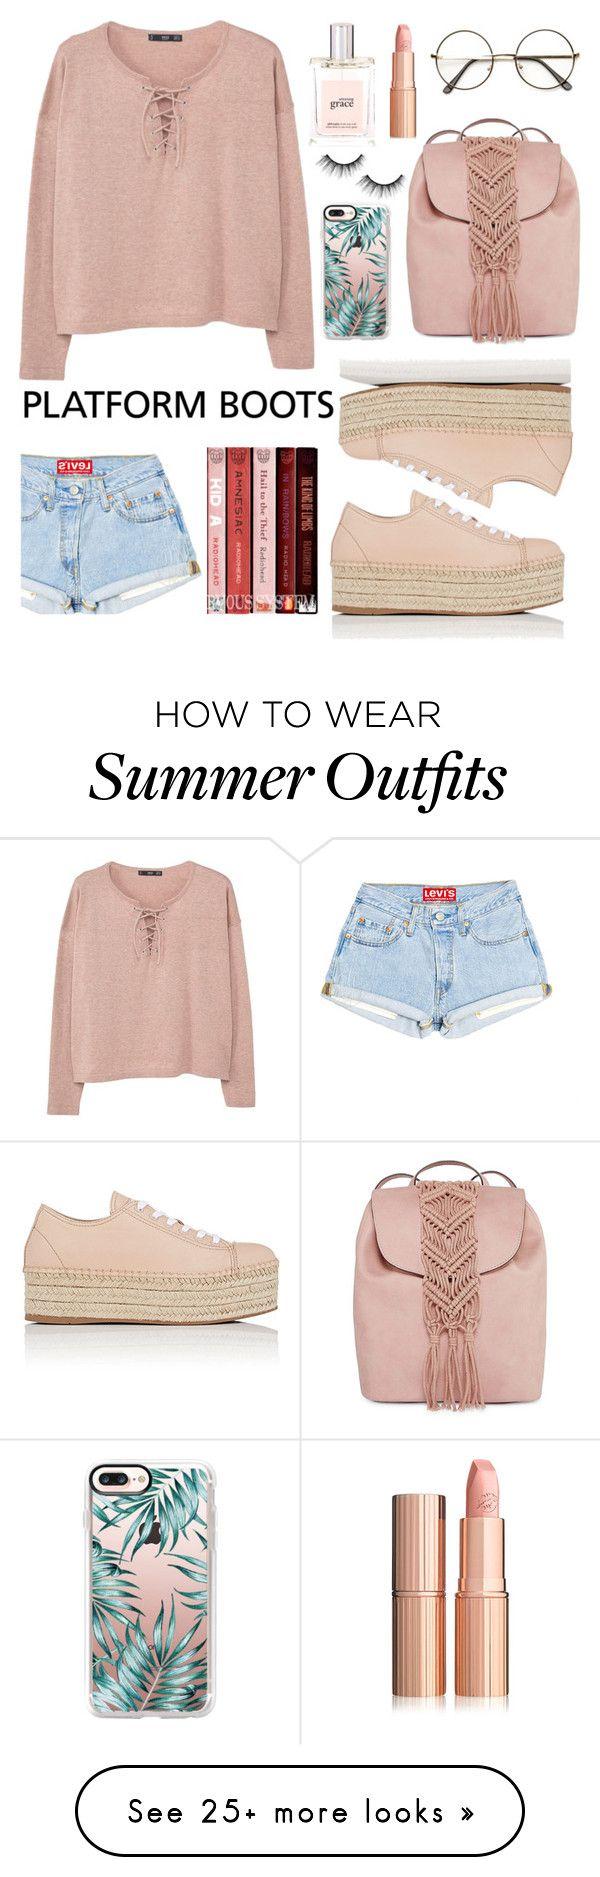 d4d555a858a6 Summer Outfits